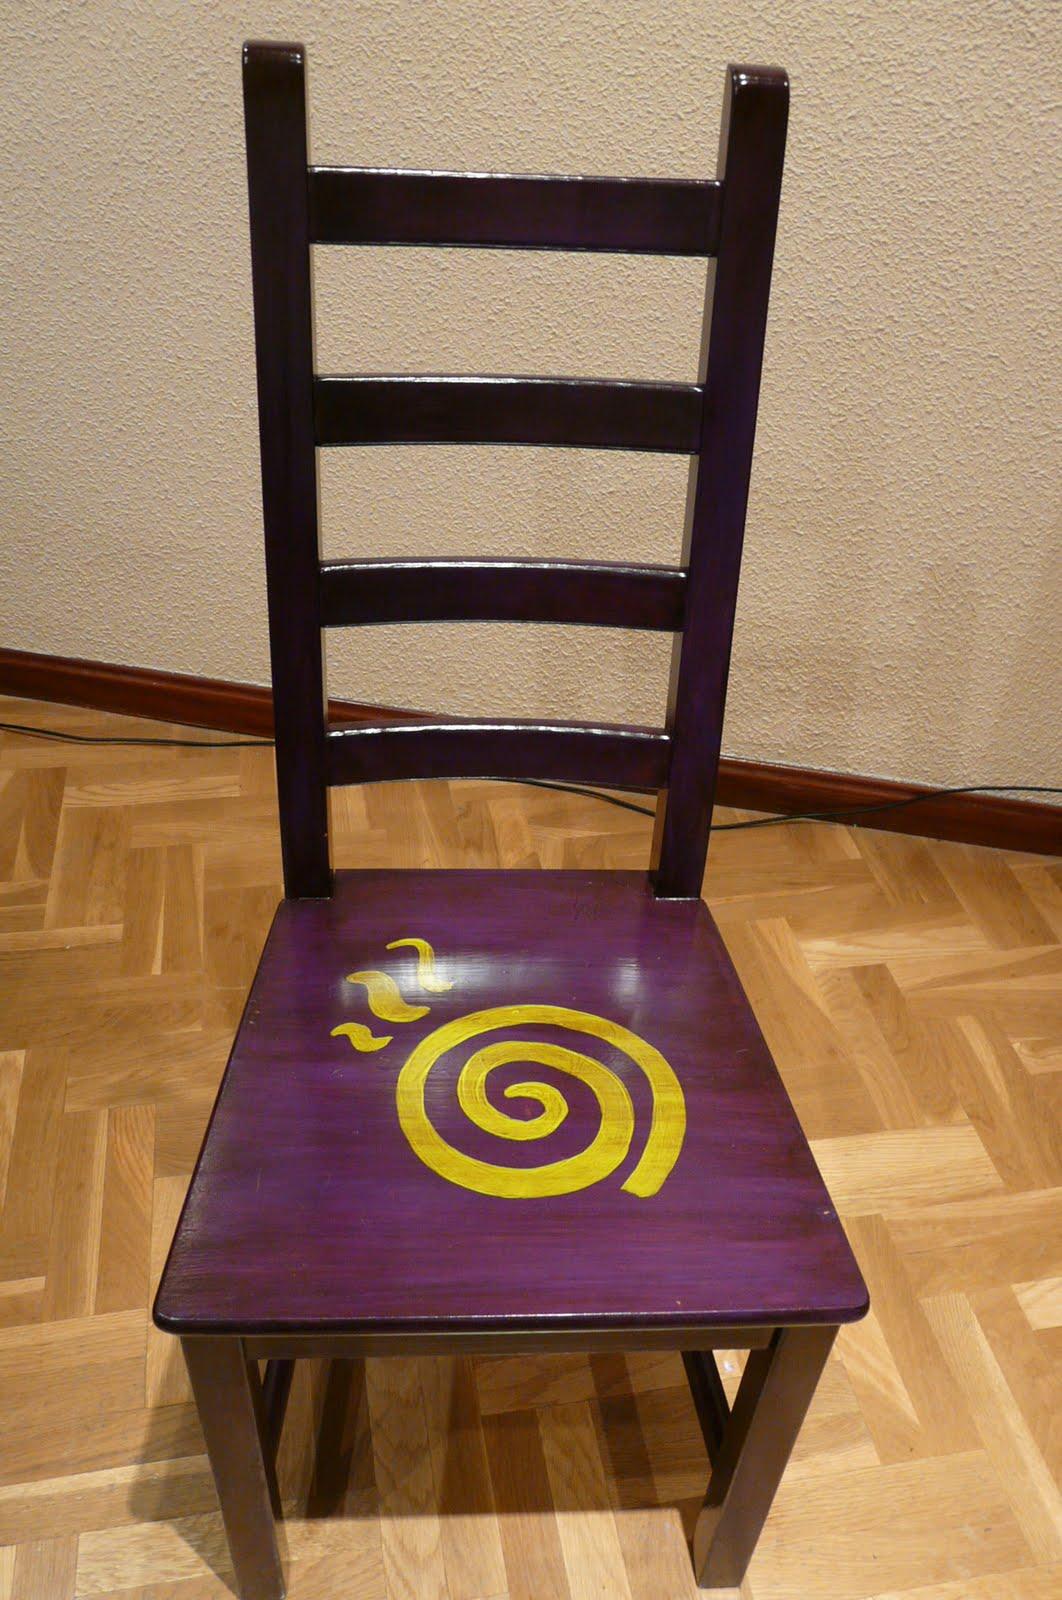 Taller de restauraci n y reciclaje espacio coronado for Cursos de restauracion de muebles en madrid